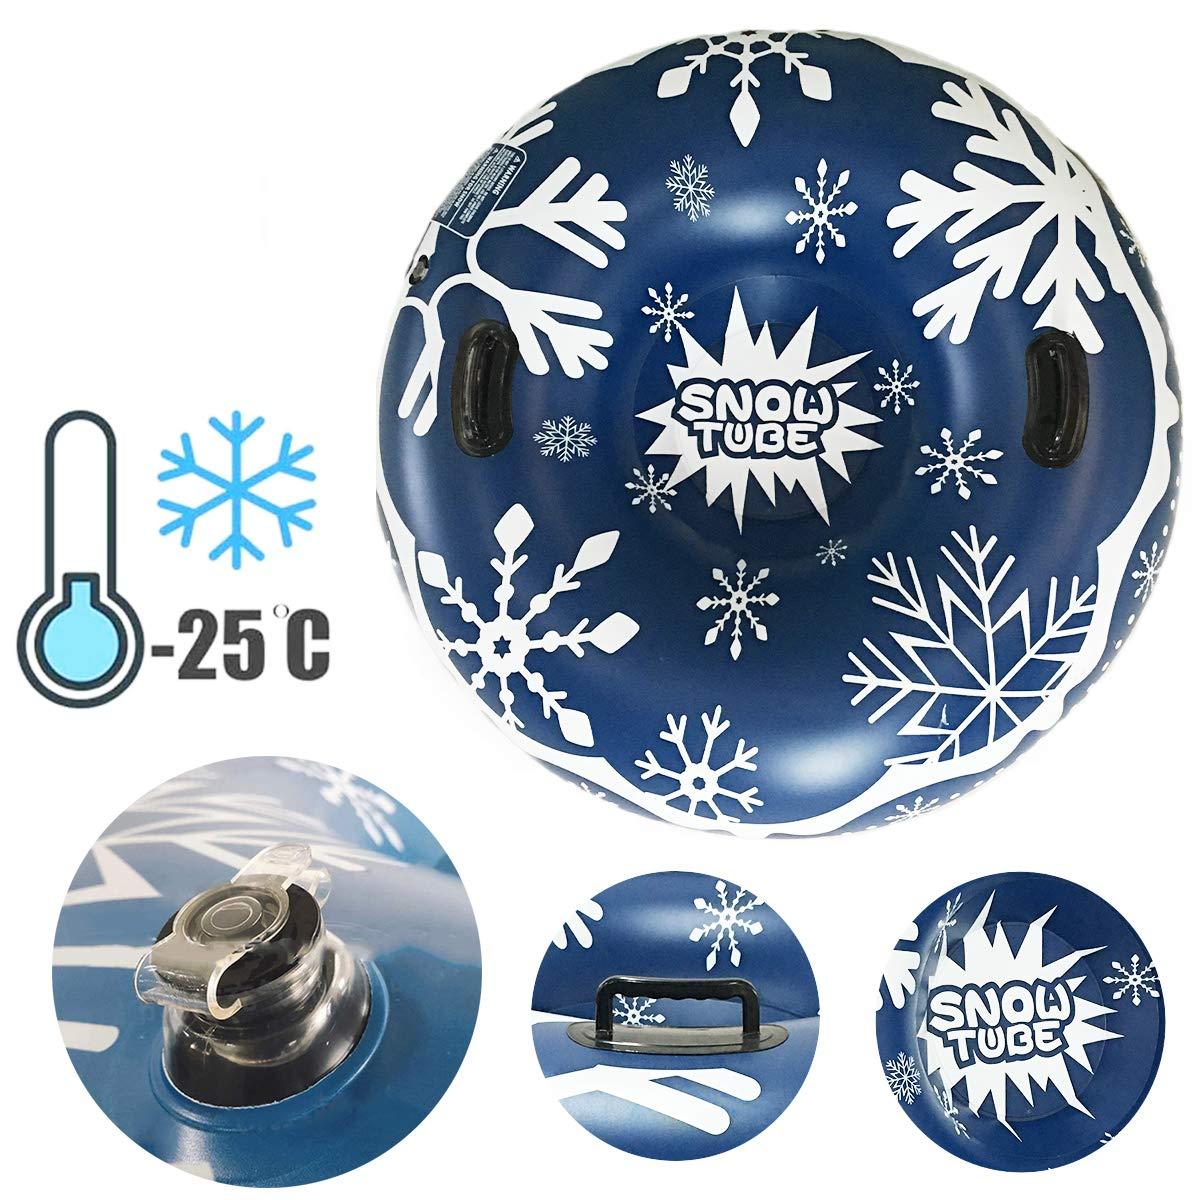 Gogokids Winter Aufblasbare Schlitten mit Griff Aufblasbarer Schlitten f/ür Kinder und Erwachsene Draussen Ski Spa/ß Skisport 120 cm//47 Zoll